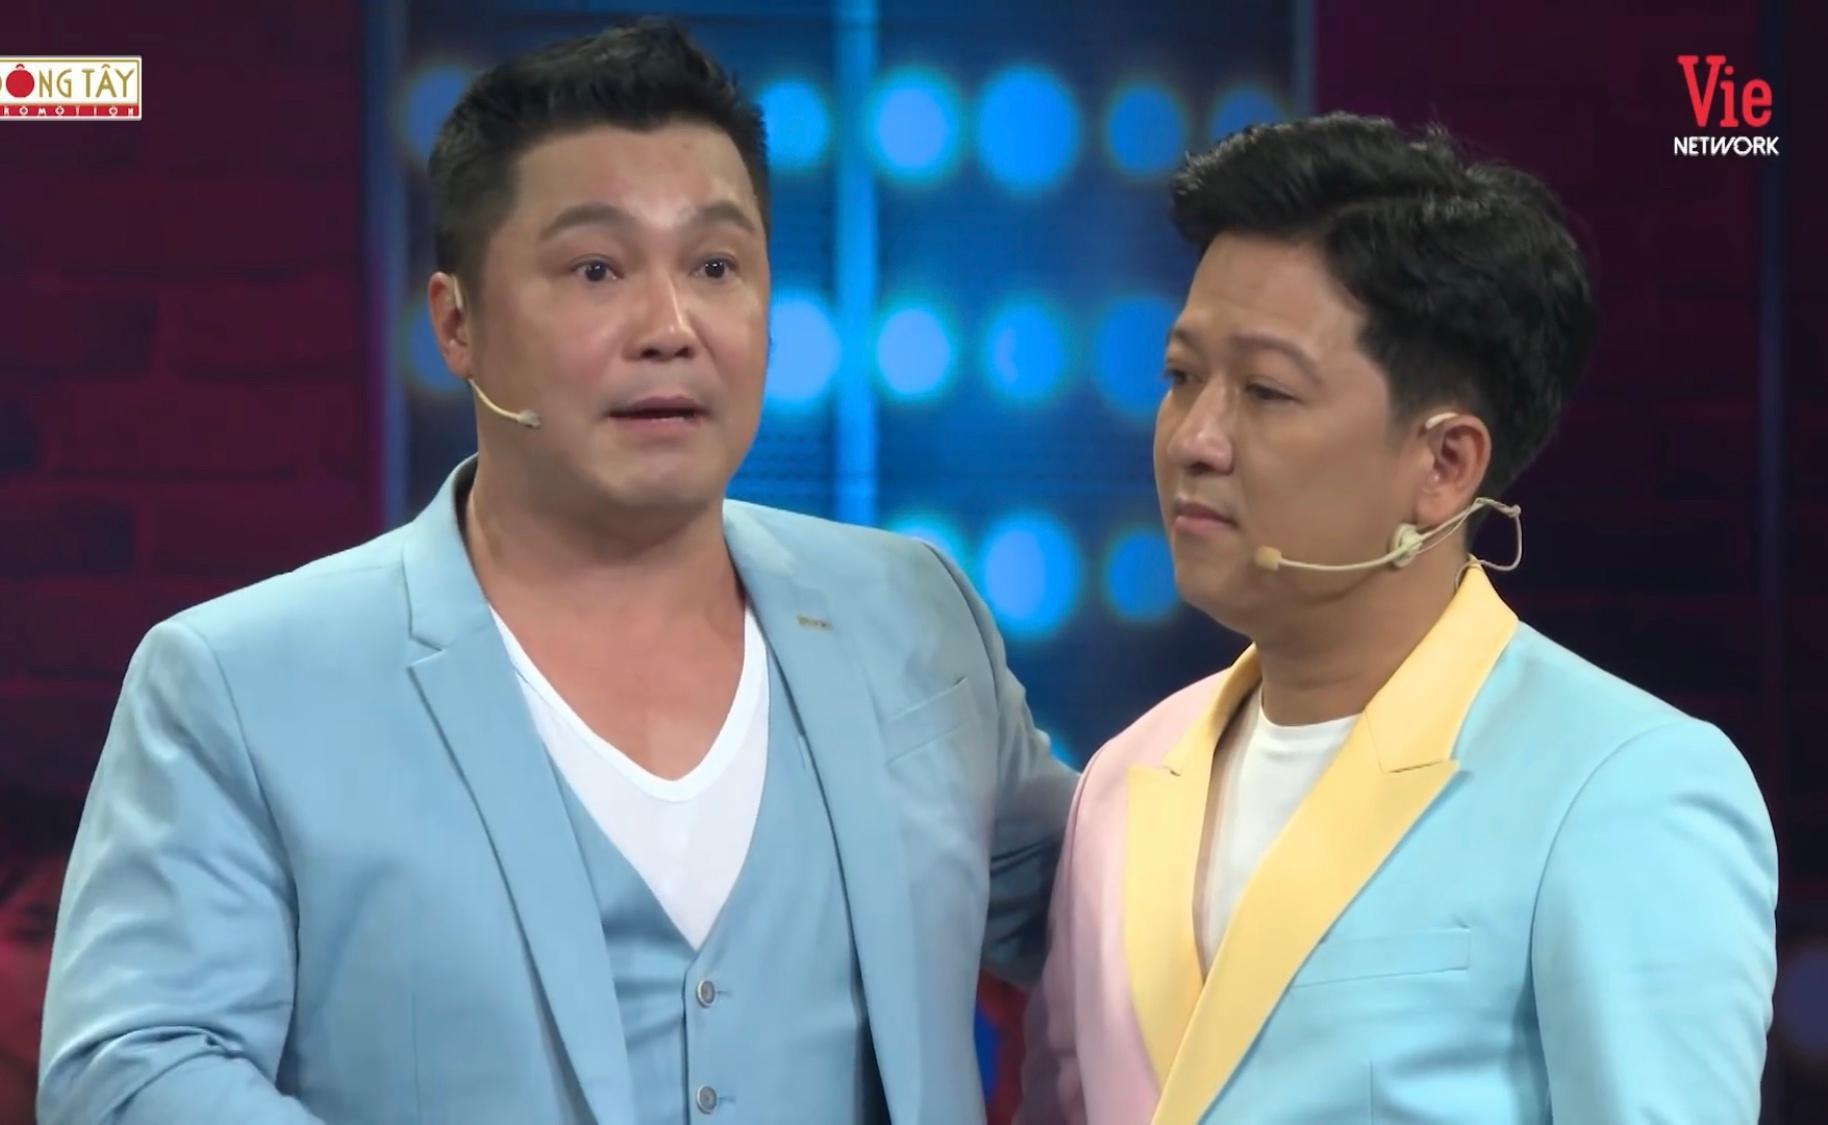 Lý Hùng phản đối cách xưng hô của Trường Giang, muốn về giữa show ảnh 2